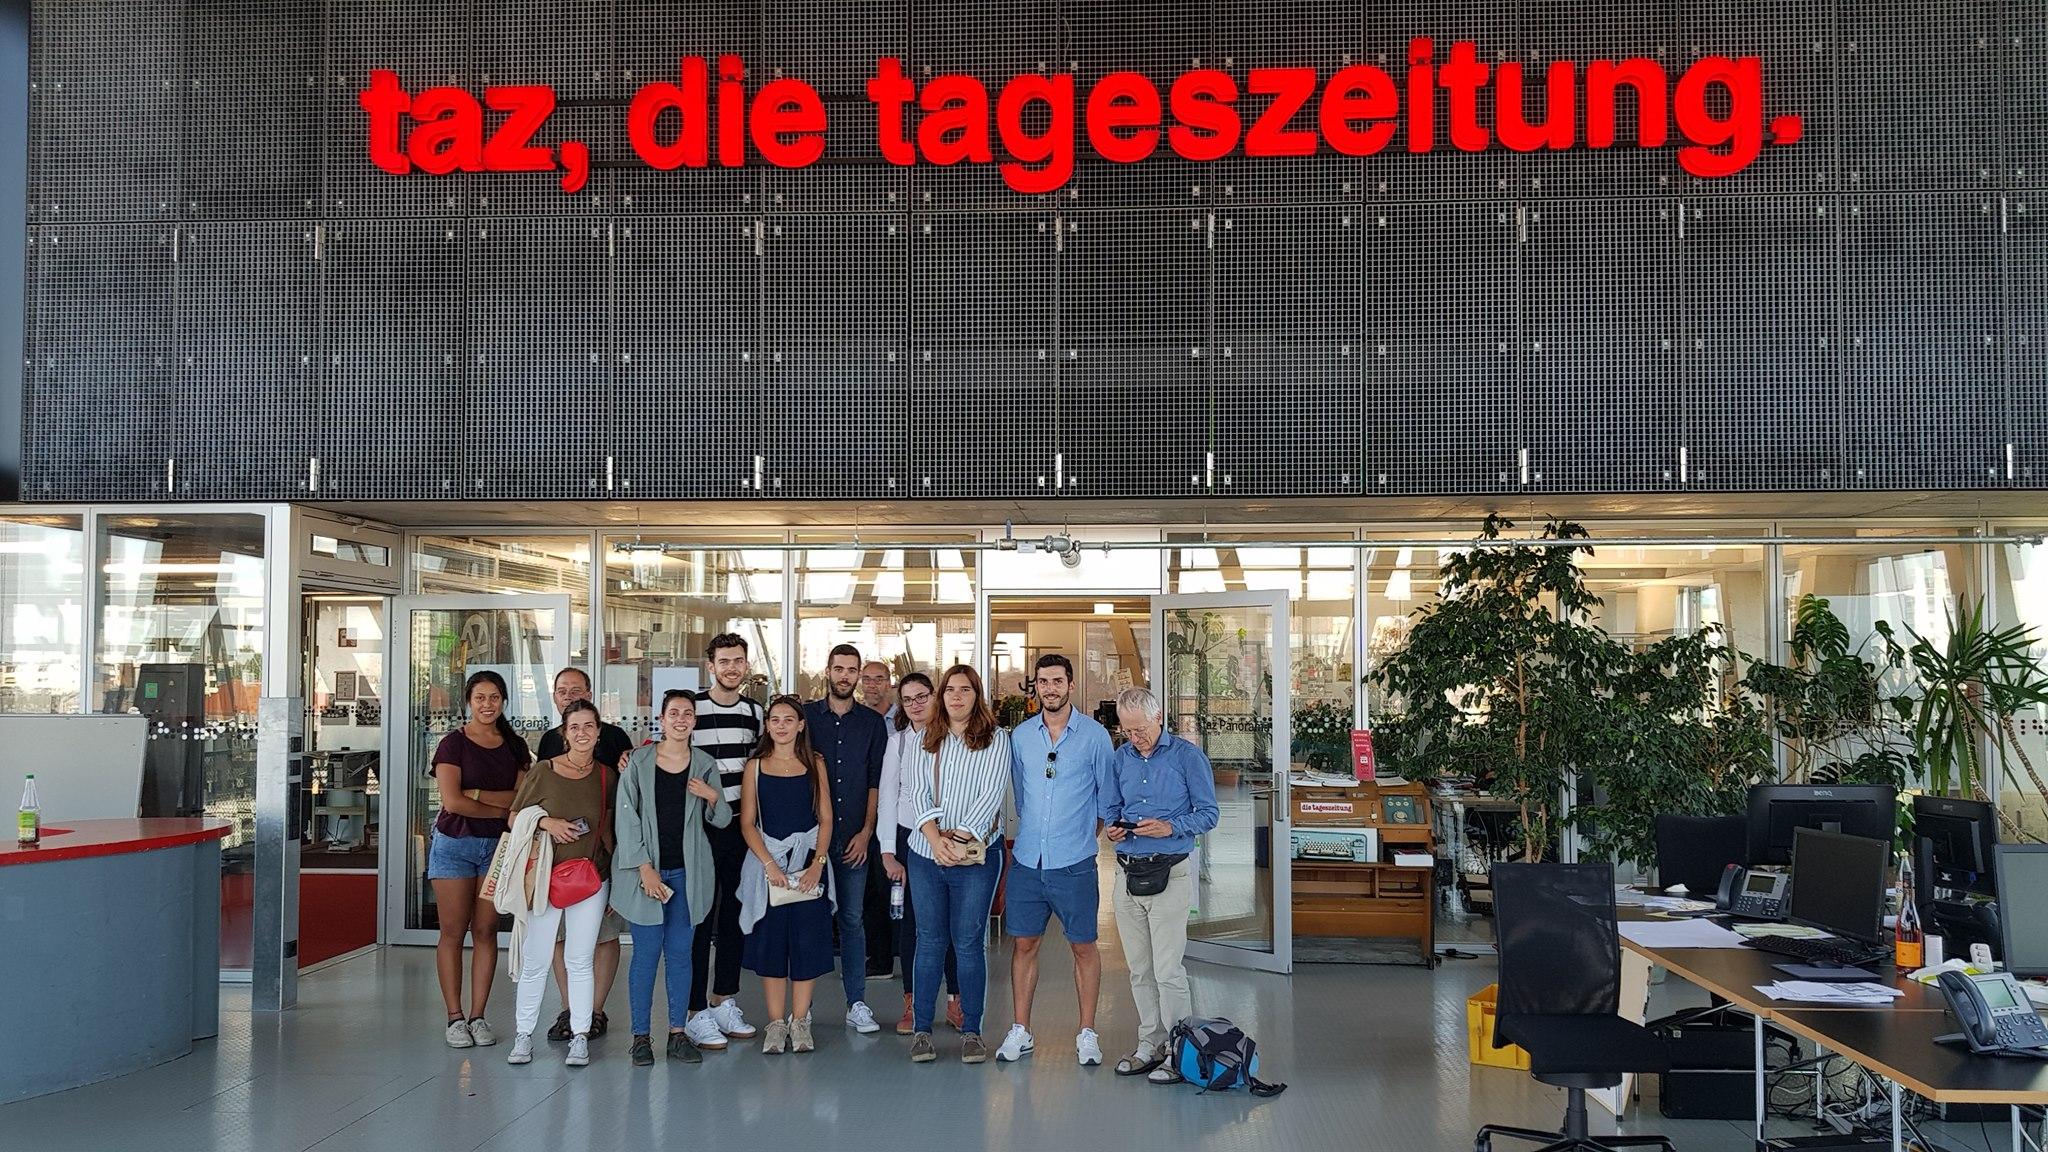 Nέοι και νέες από Αθήνα και Κάντιθ εκπαιδεύονται στο Βερολίνο σε φυσικές τεχνικές δροσισμού και θέρμανσης